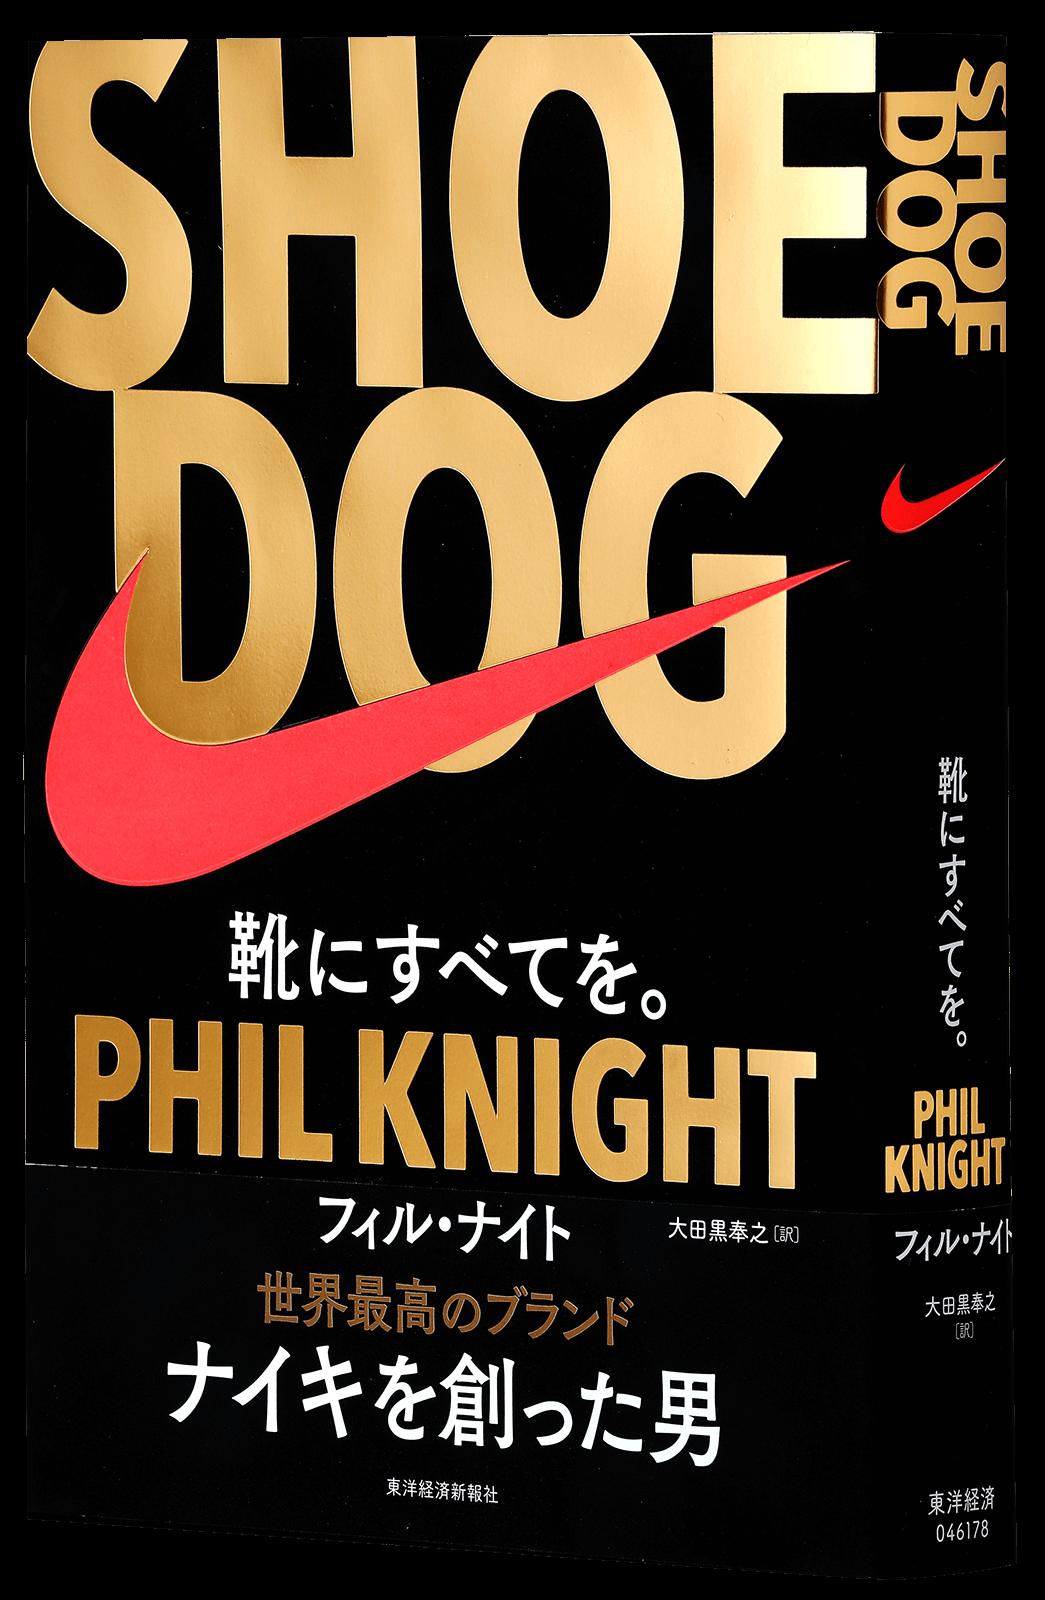 ナイキ創業者自伝「SHOE DOG」カフェ in Hama House   10月27日(金)〜開催